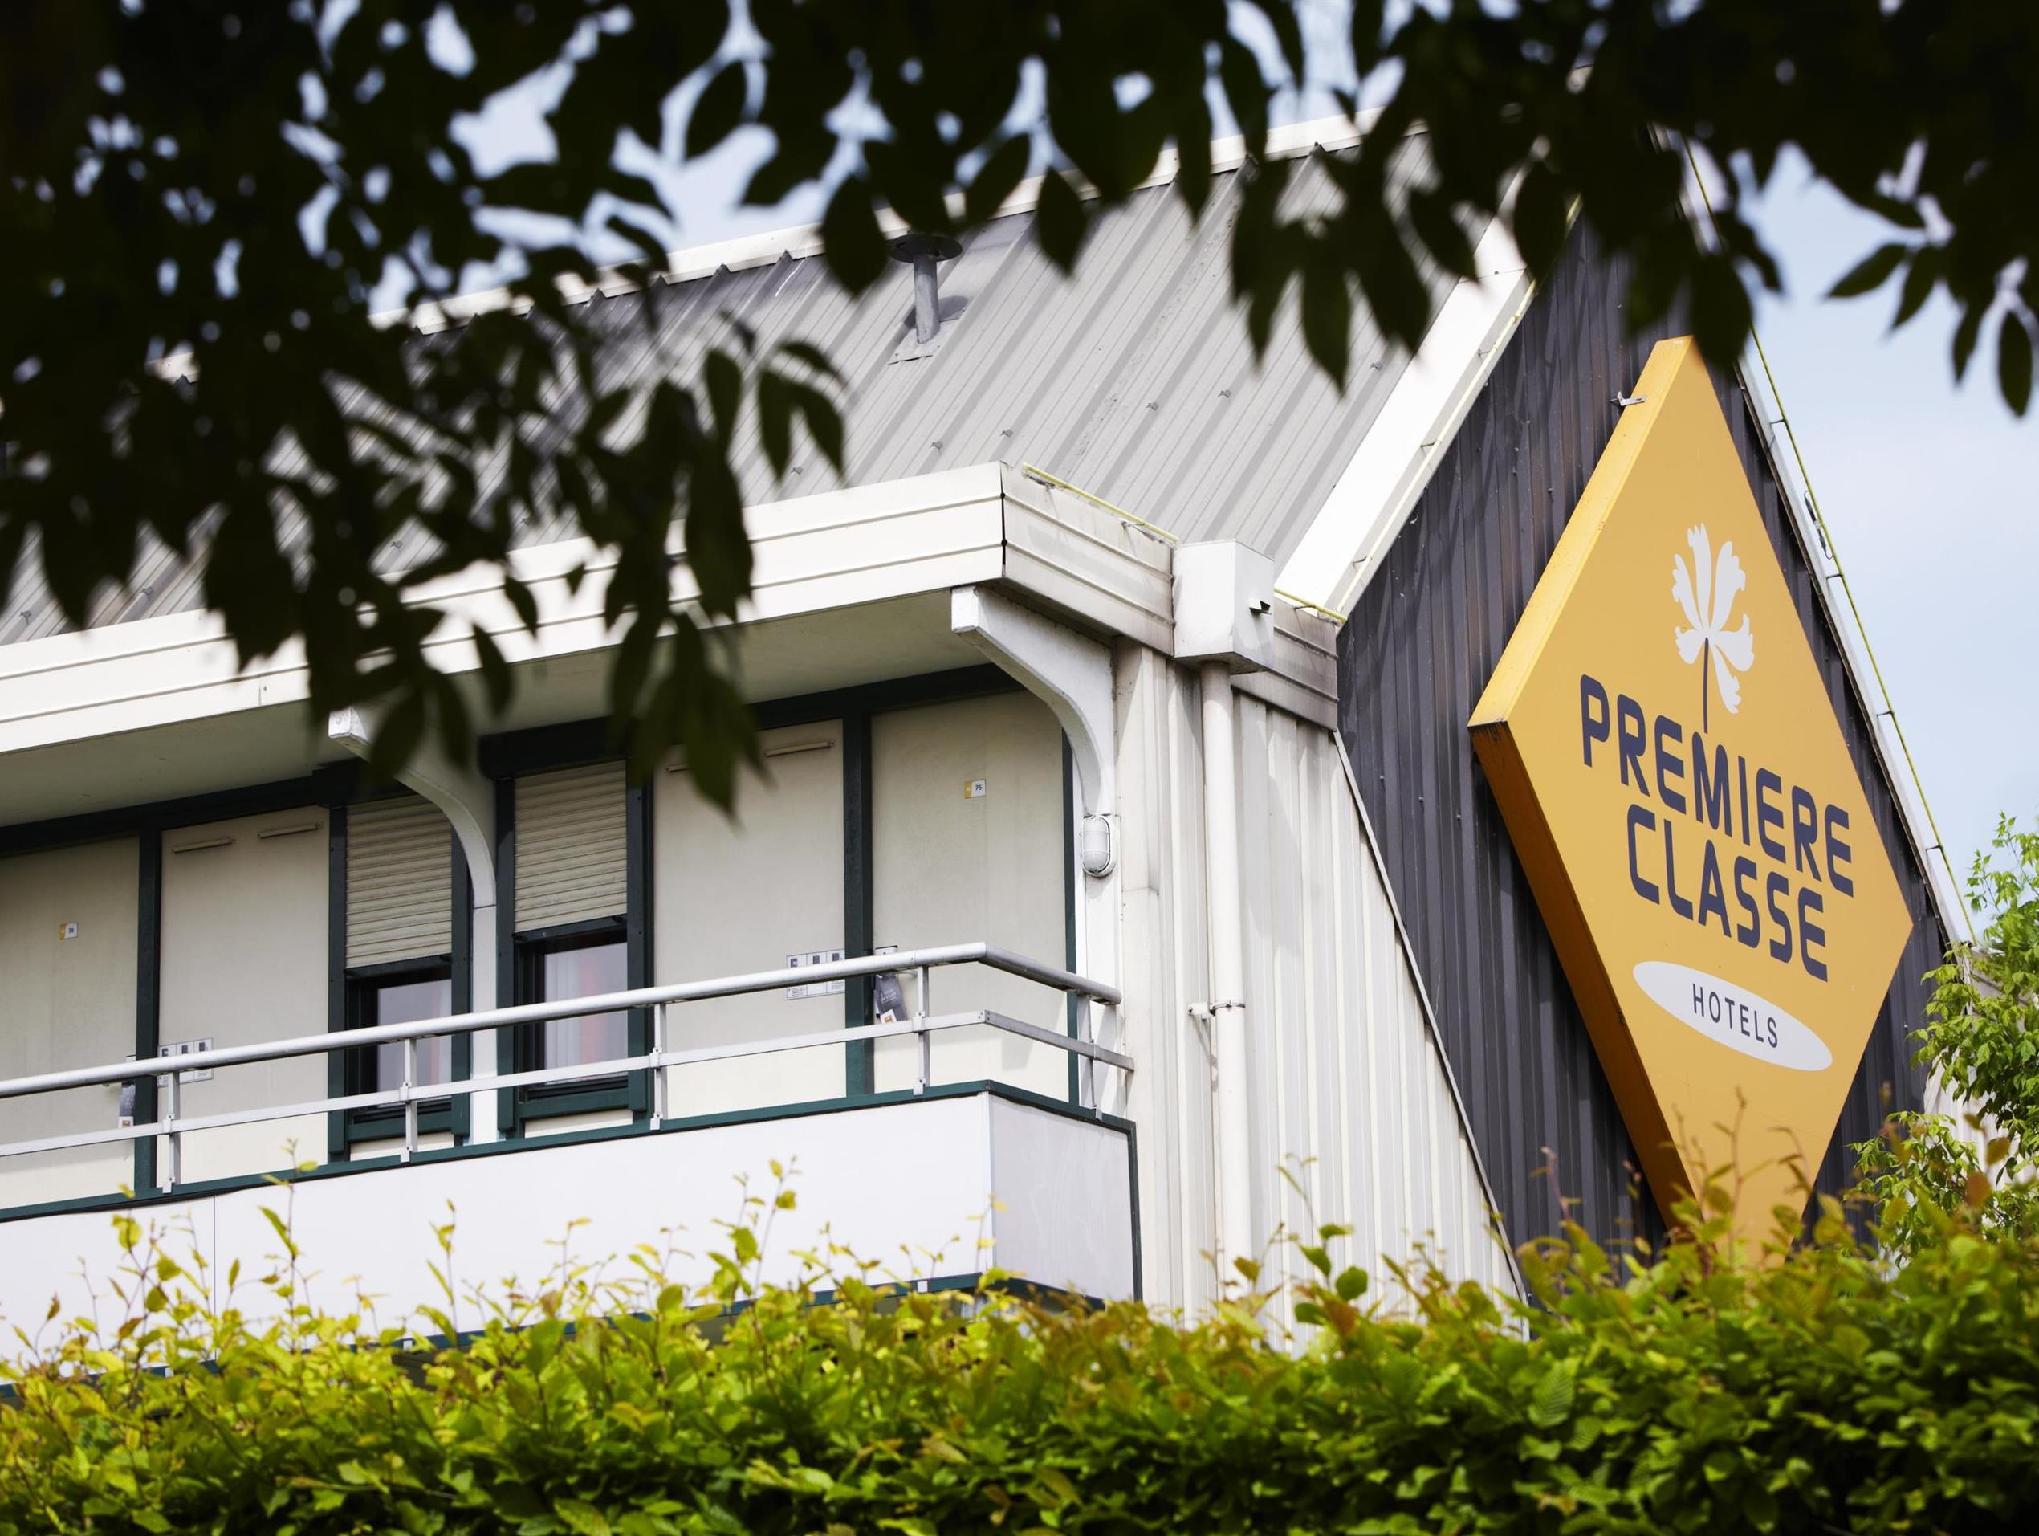 Premiere Classe Plaisir